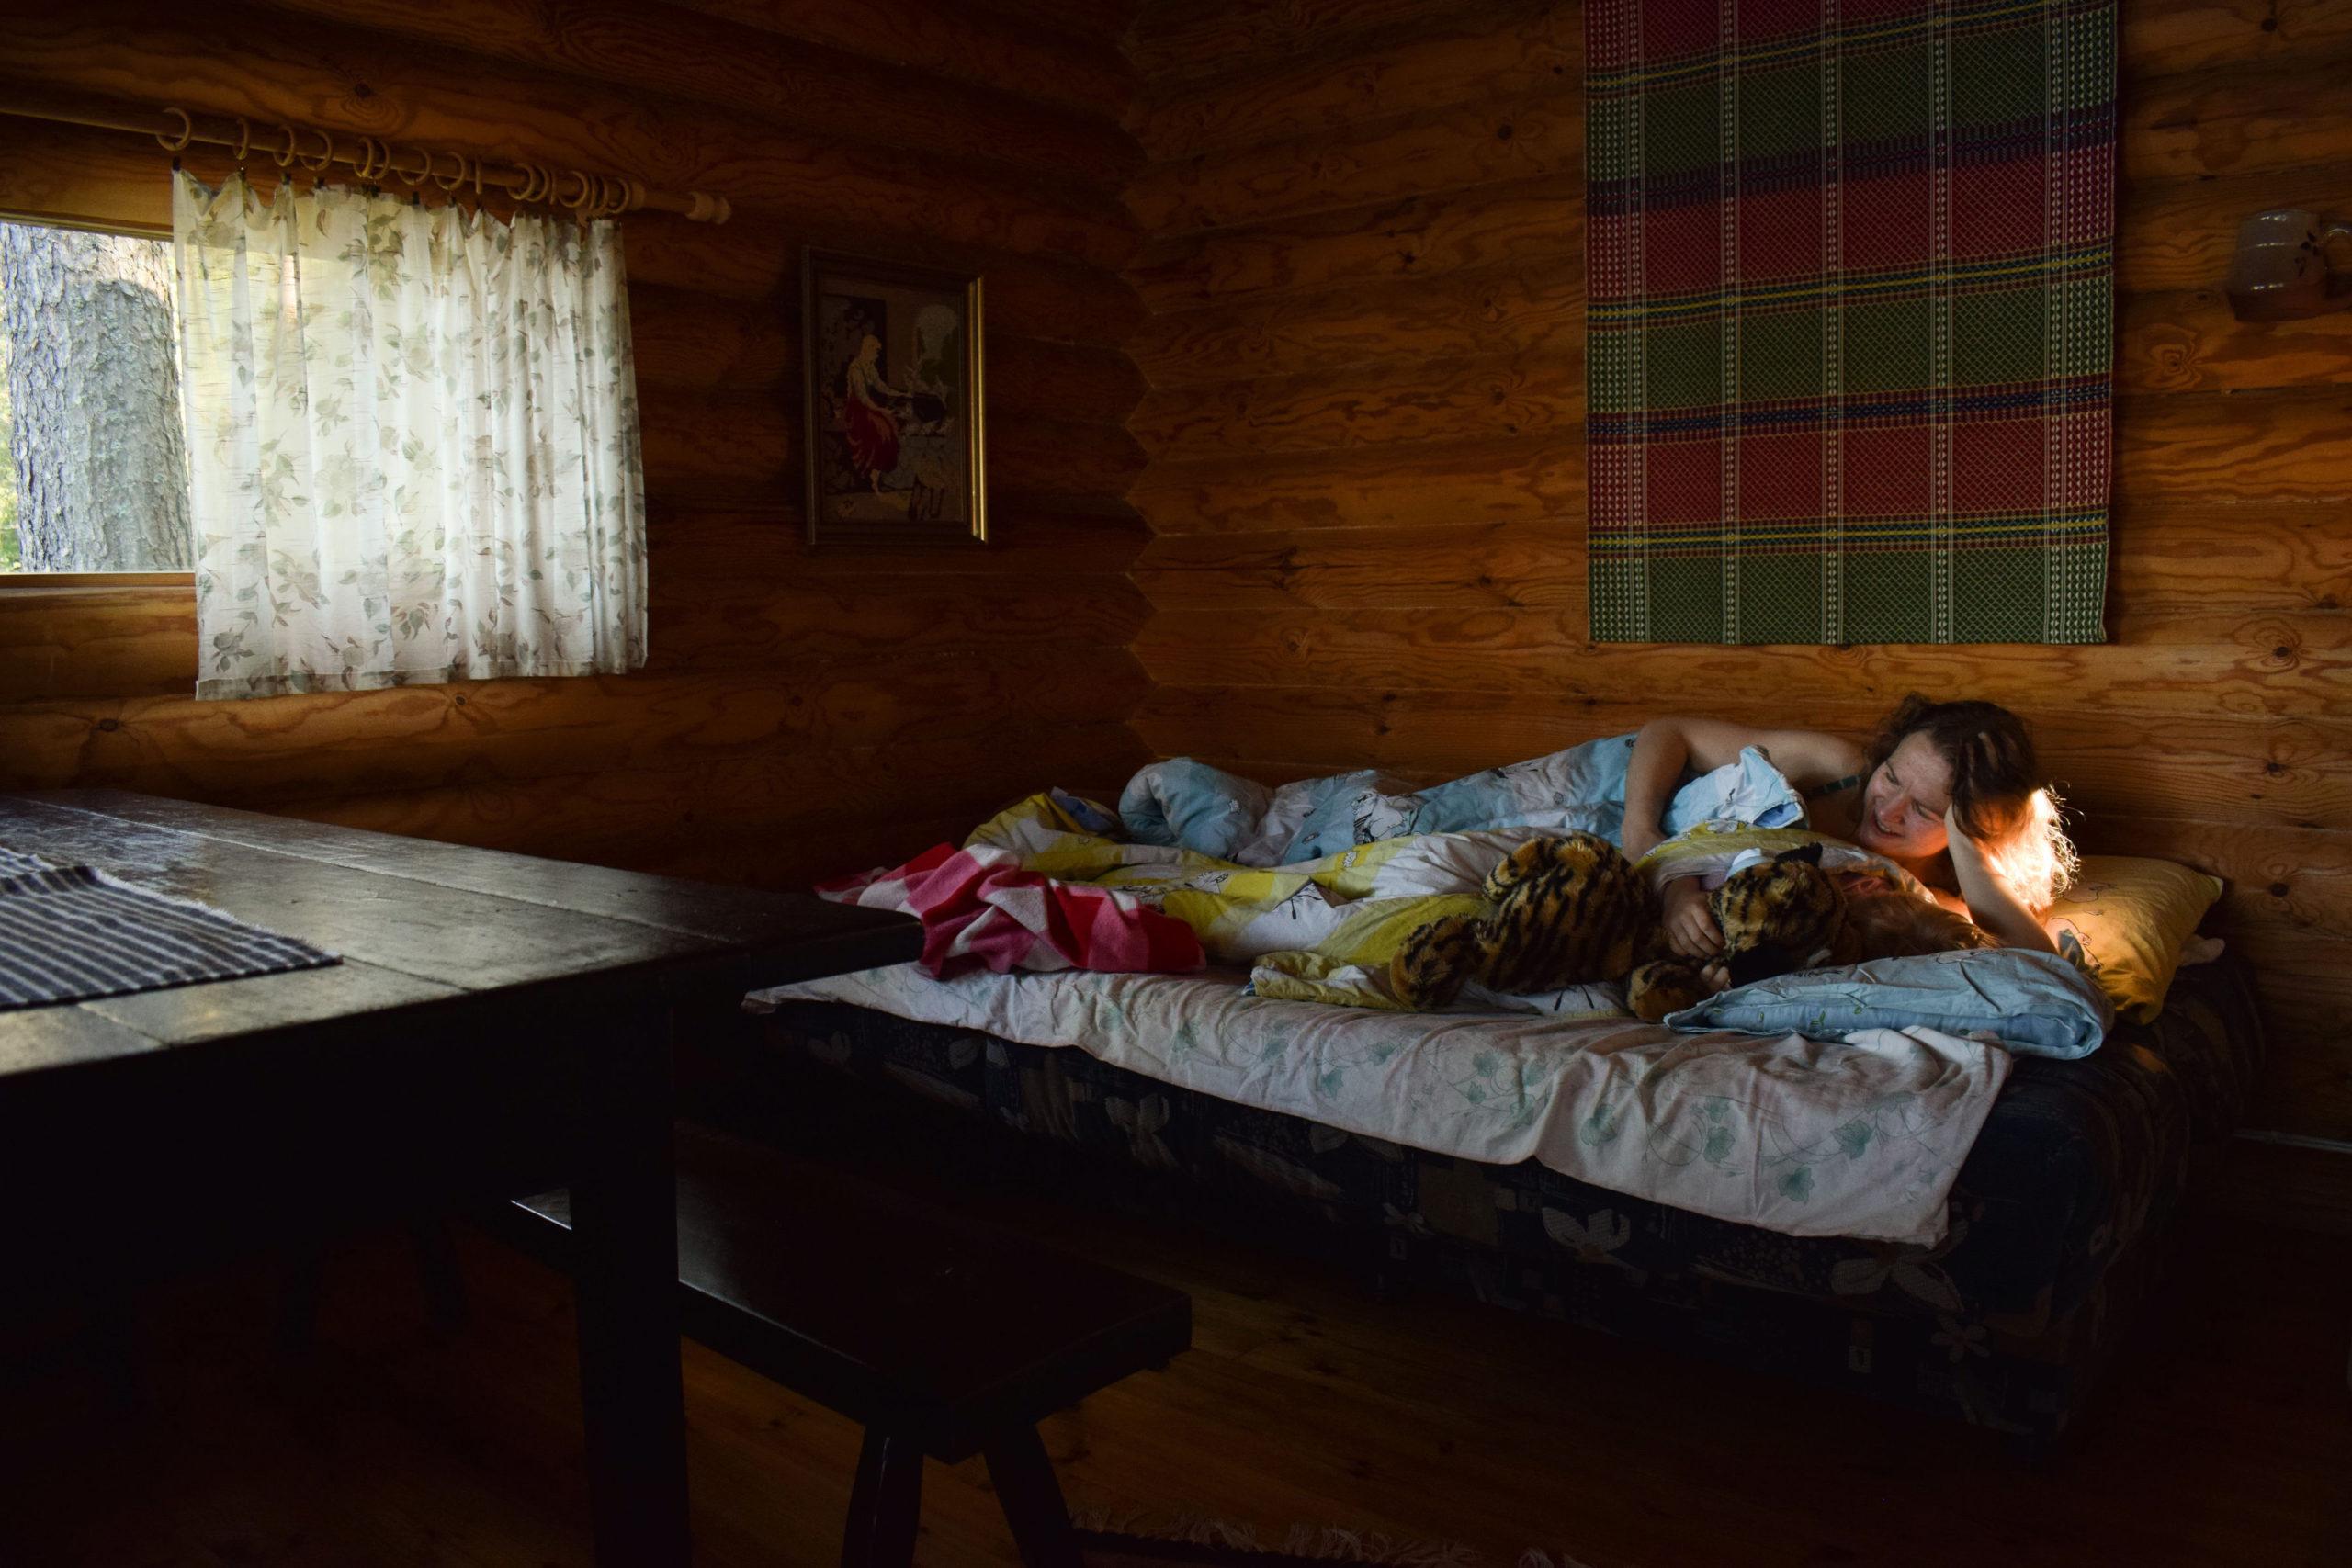 Sleeping at Kukkoniemen Lomamökit traditional Finnish rental cottages in Punkaharju, Saimaa